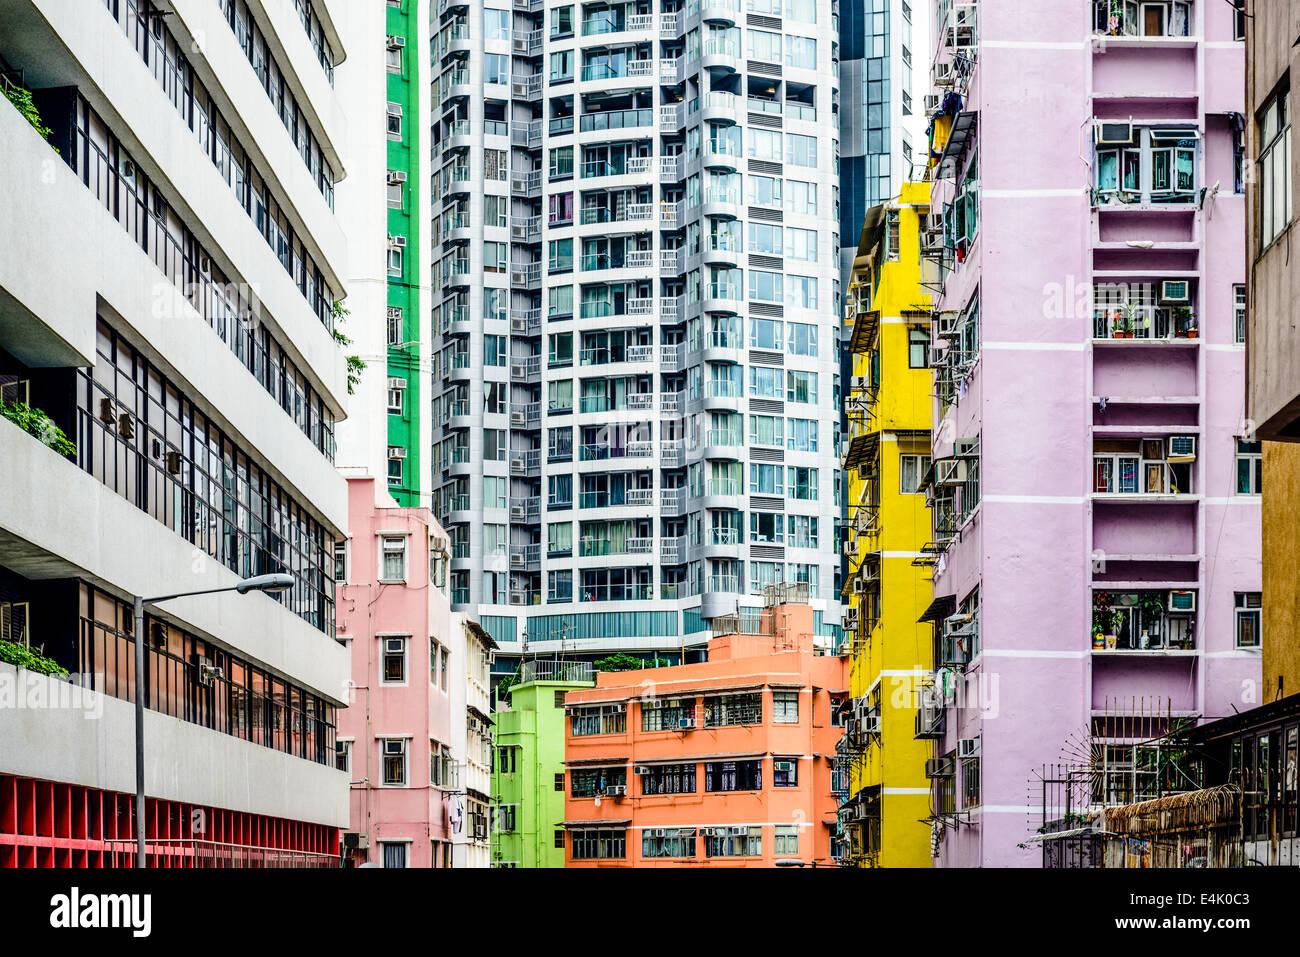 Abstract Buildings in Hong Kong, China. - Stock Image